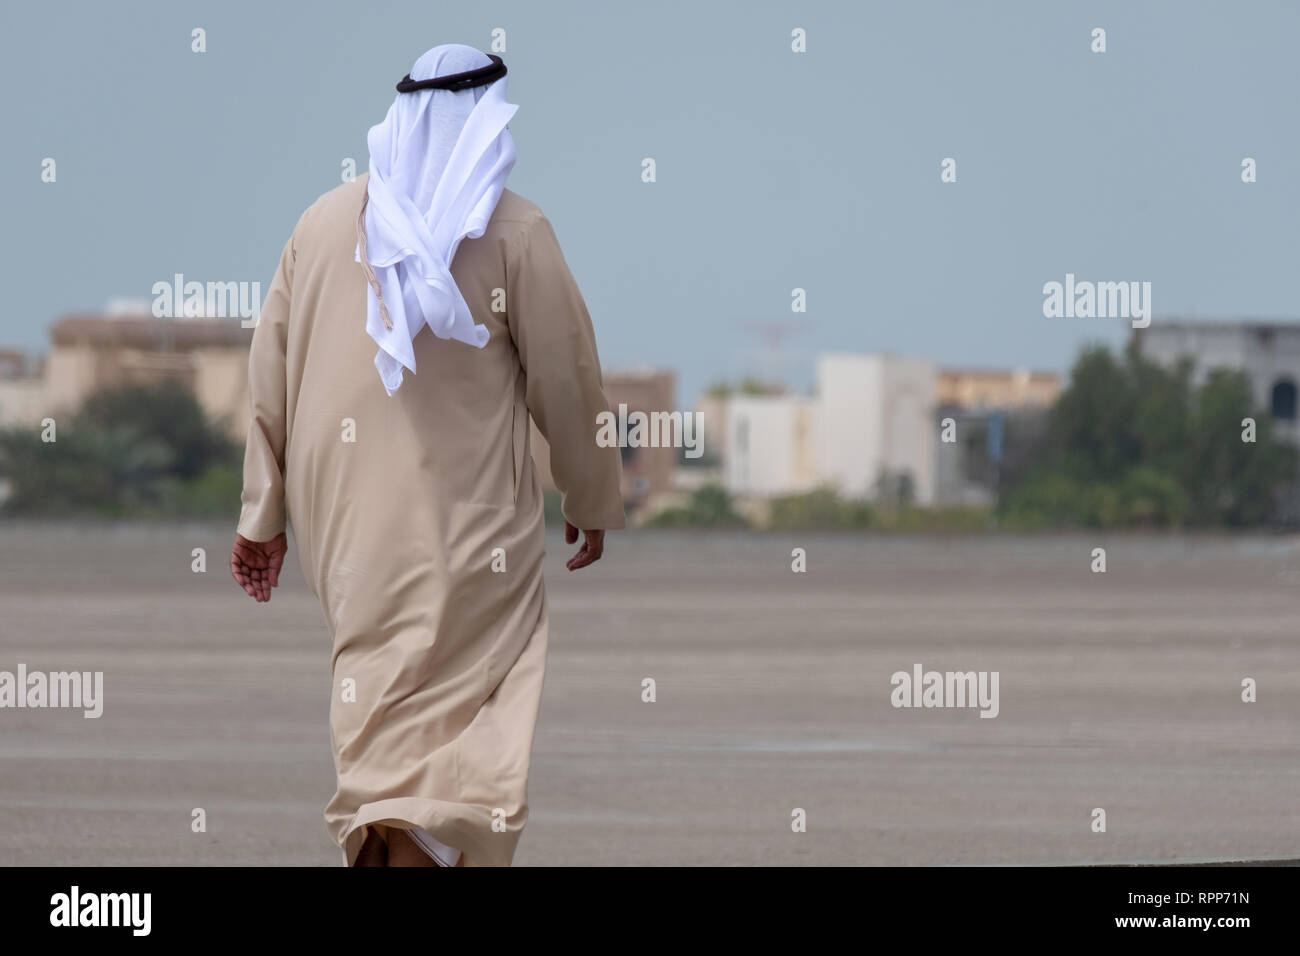 Partnersuche arabische manner